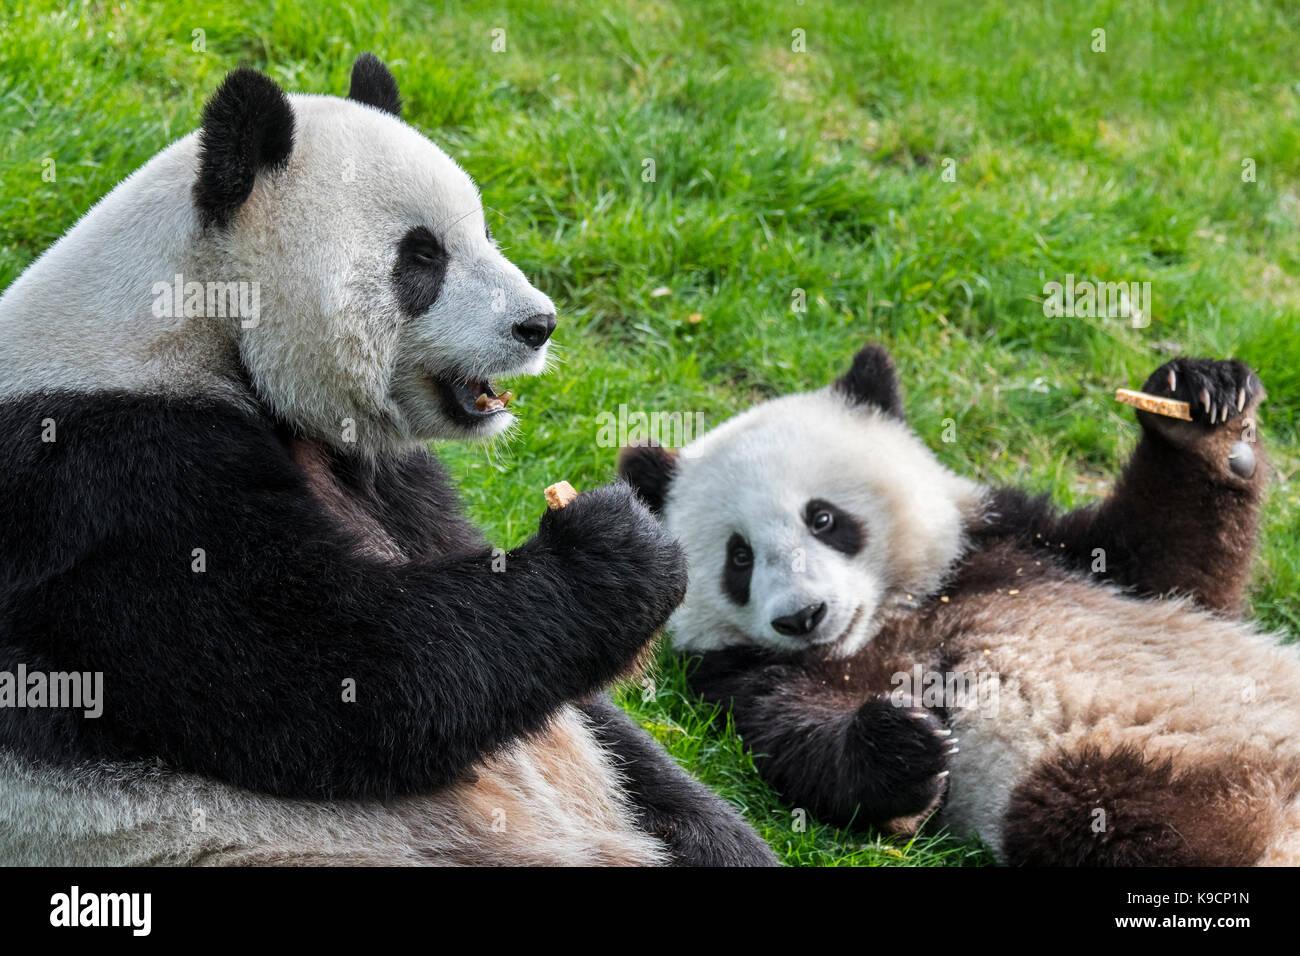 El panda gigante (Ailuropoda melanoleuca) hembra con un año de edad, comiendo galletas en el zoológico Imagen De Stock